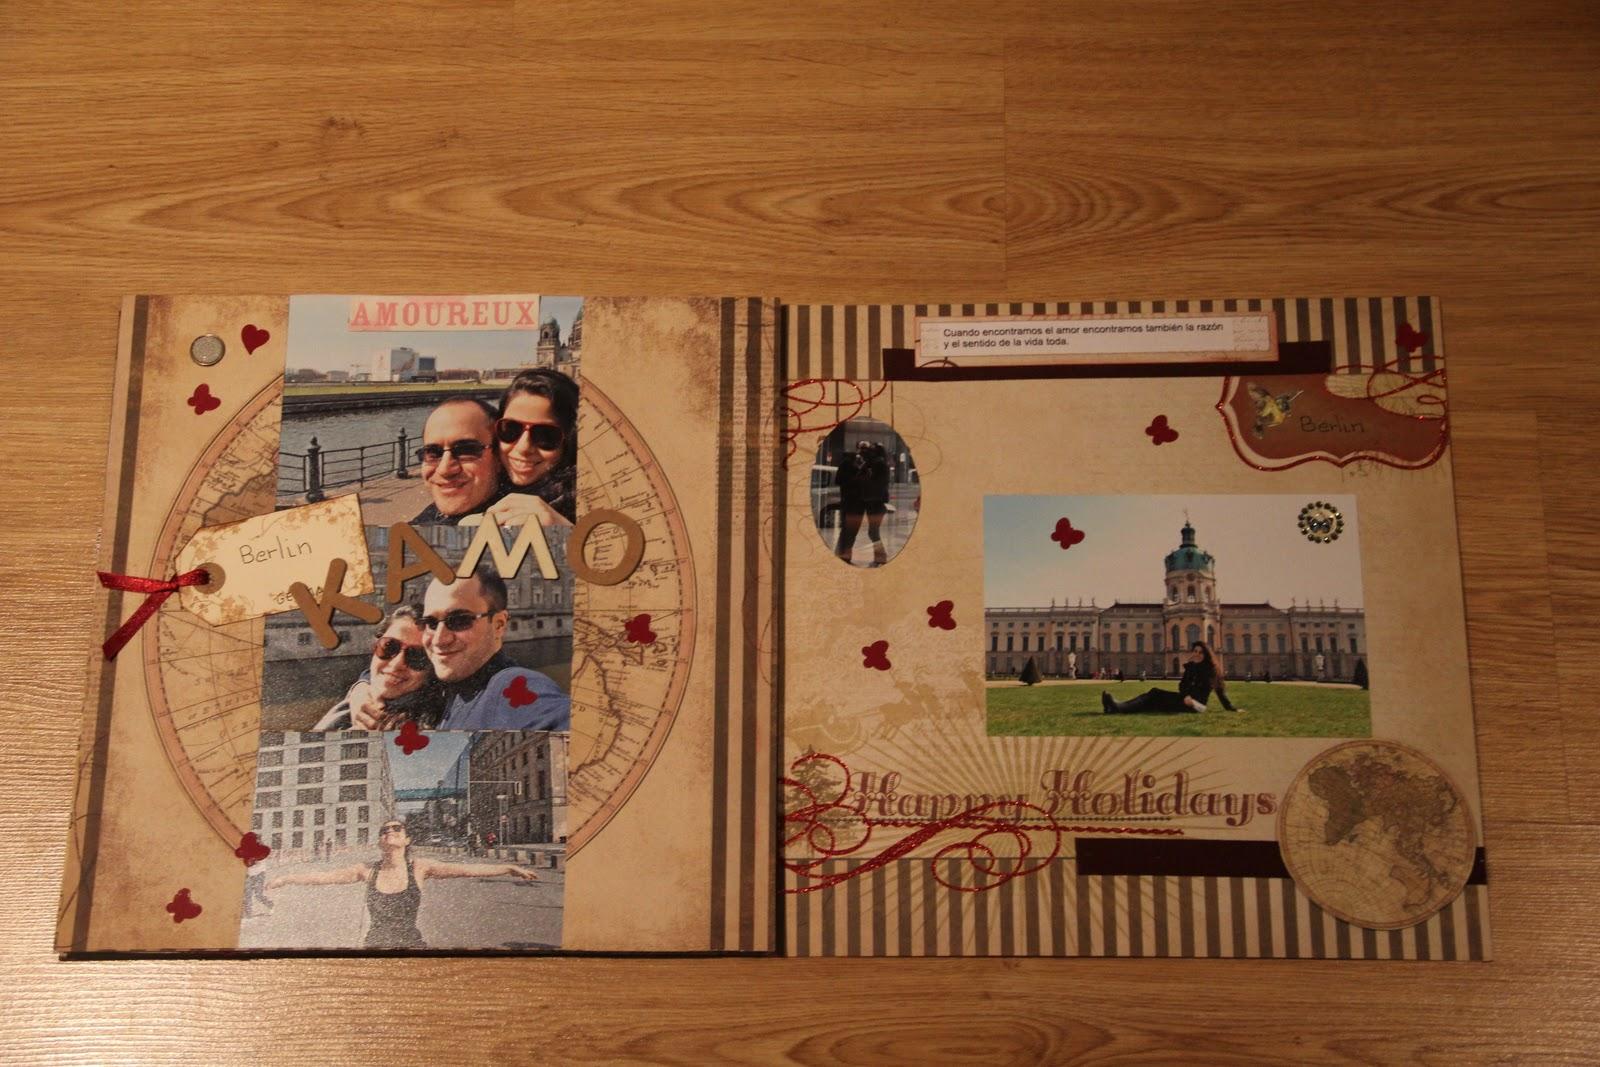 Album de fotos creativos de amor imagui - Album de fotos ...